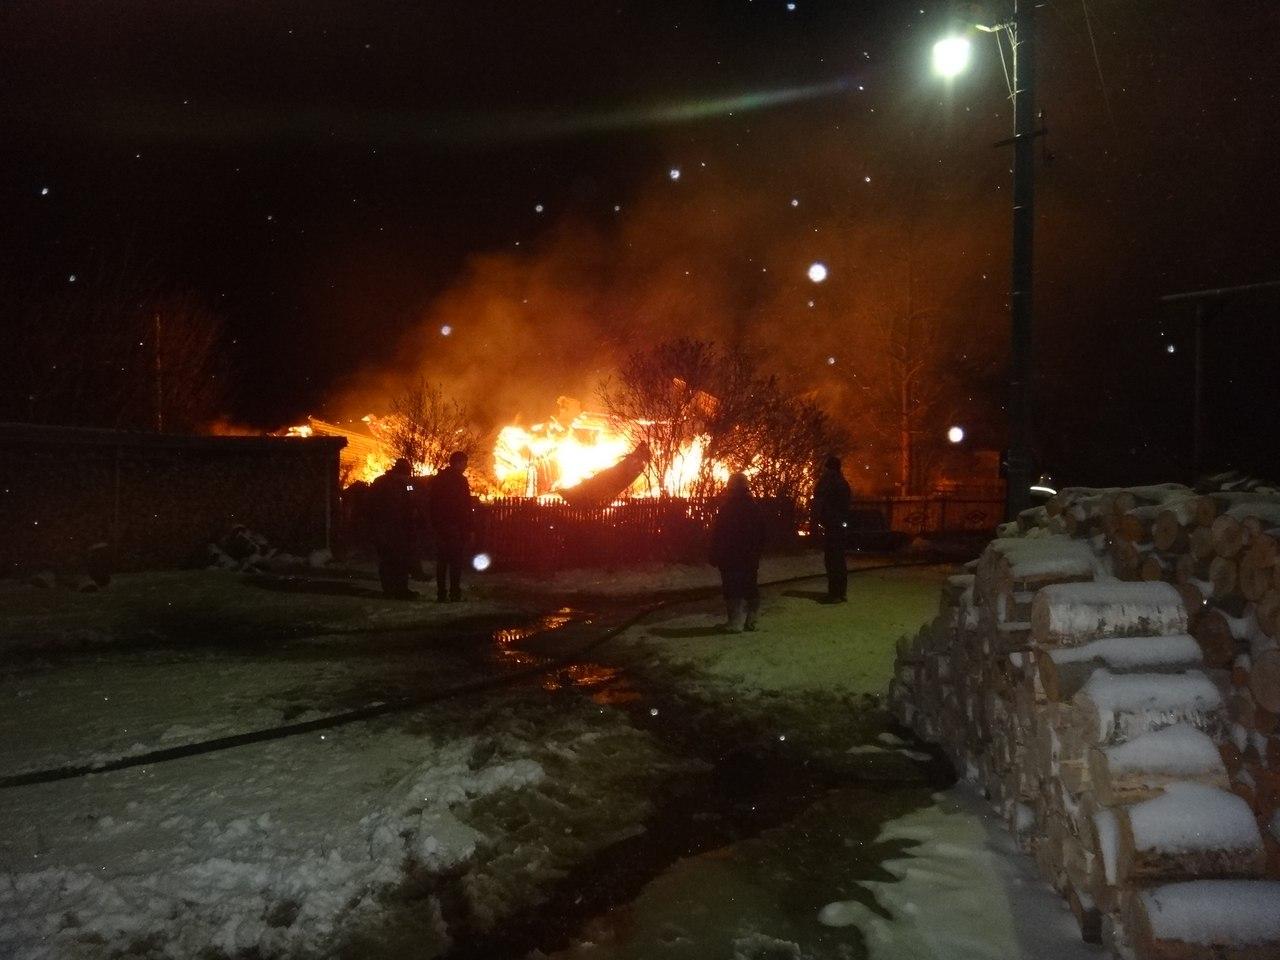 Ветеран войны потерял два дома из-за пожара в Череповецком районе